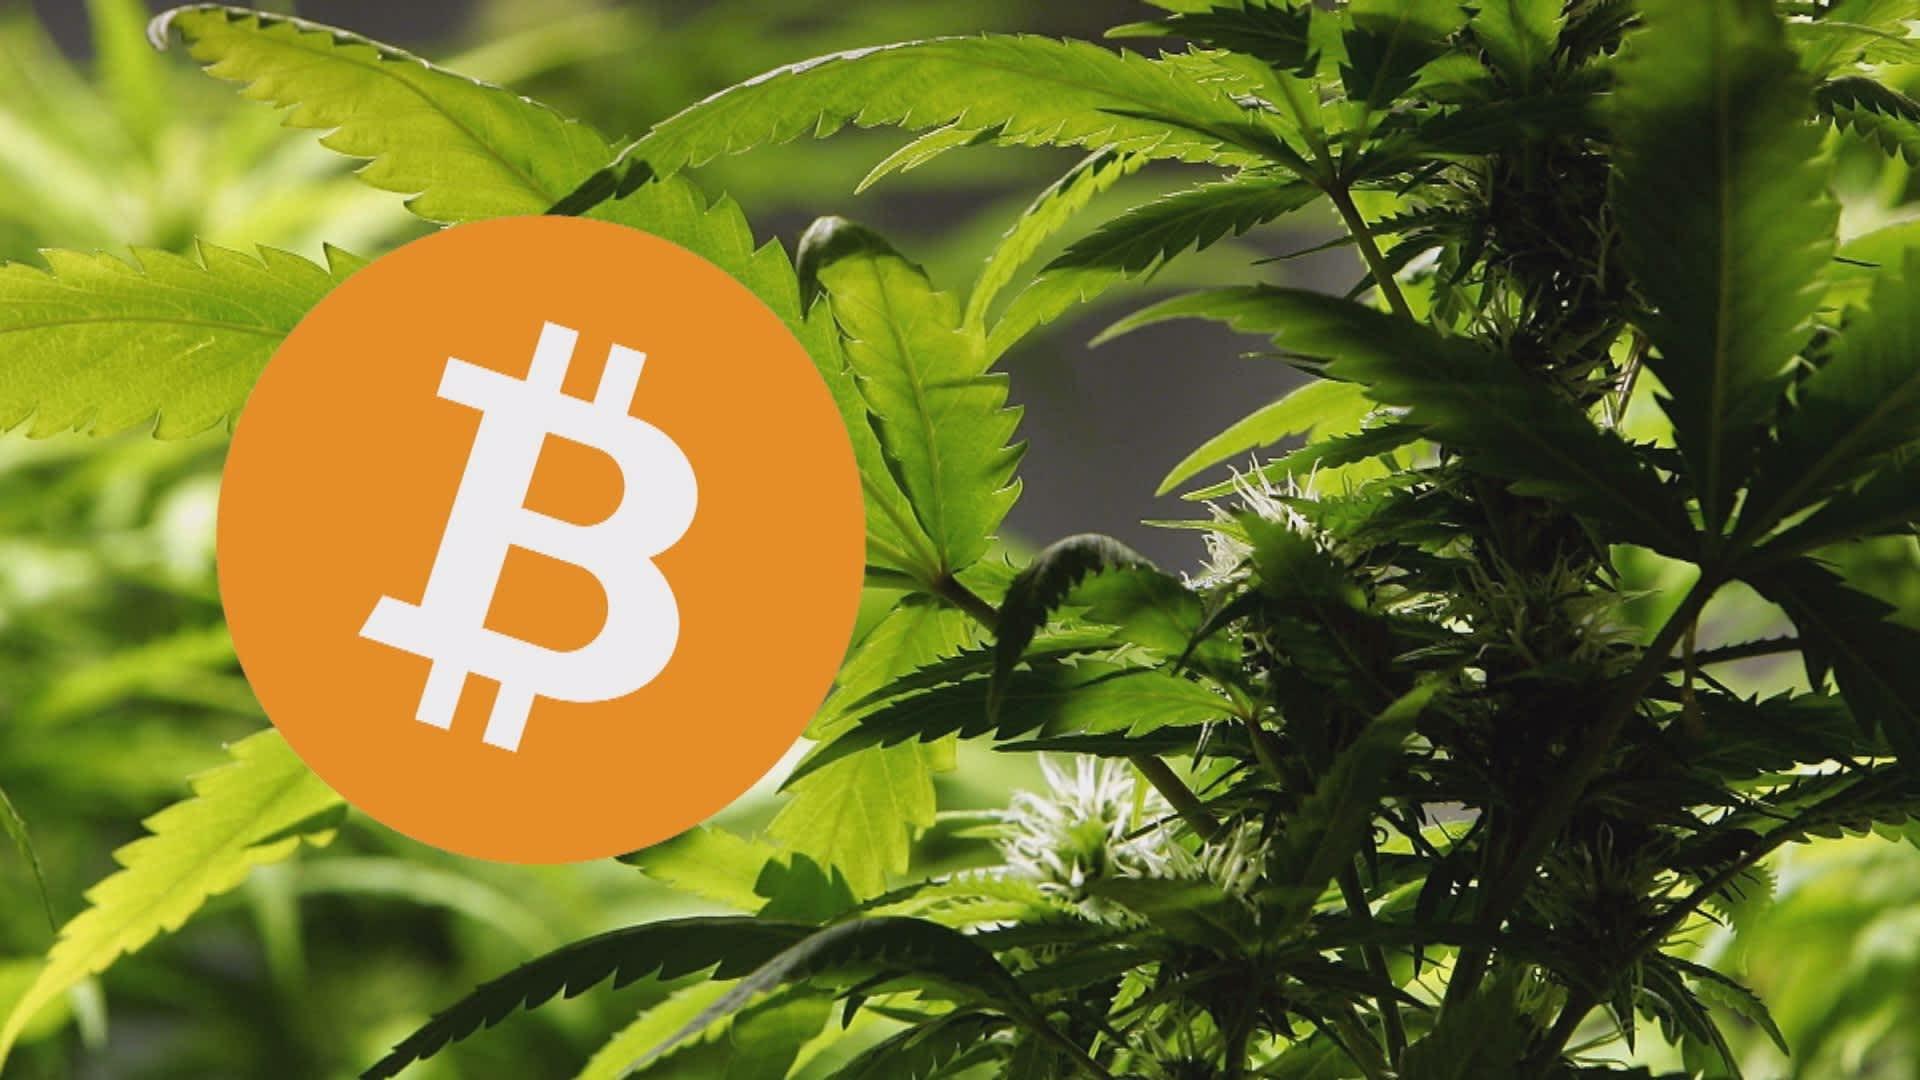 Купить марихуану за биткоин где растет конопля по иркутской области